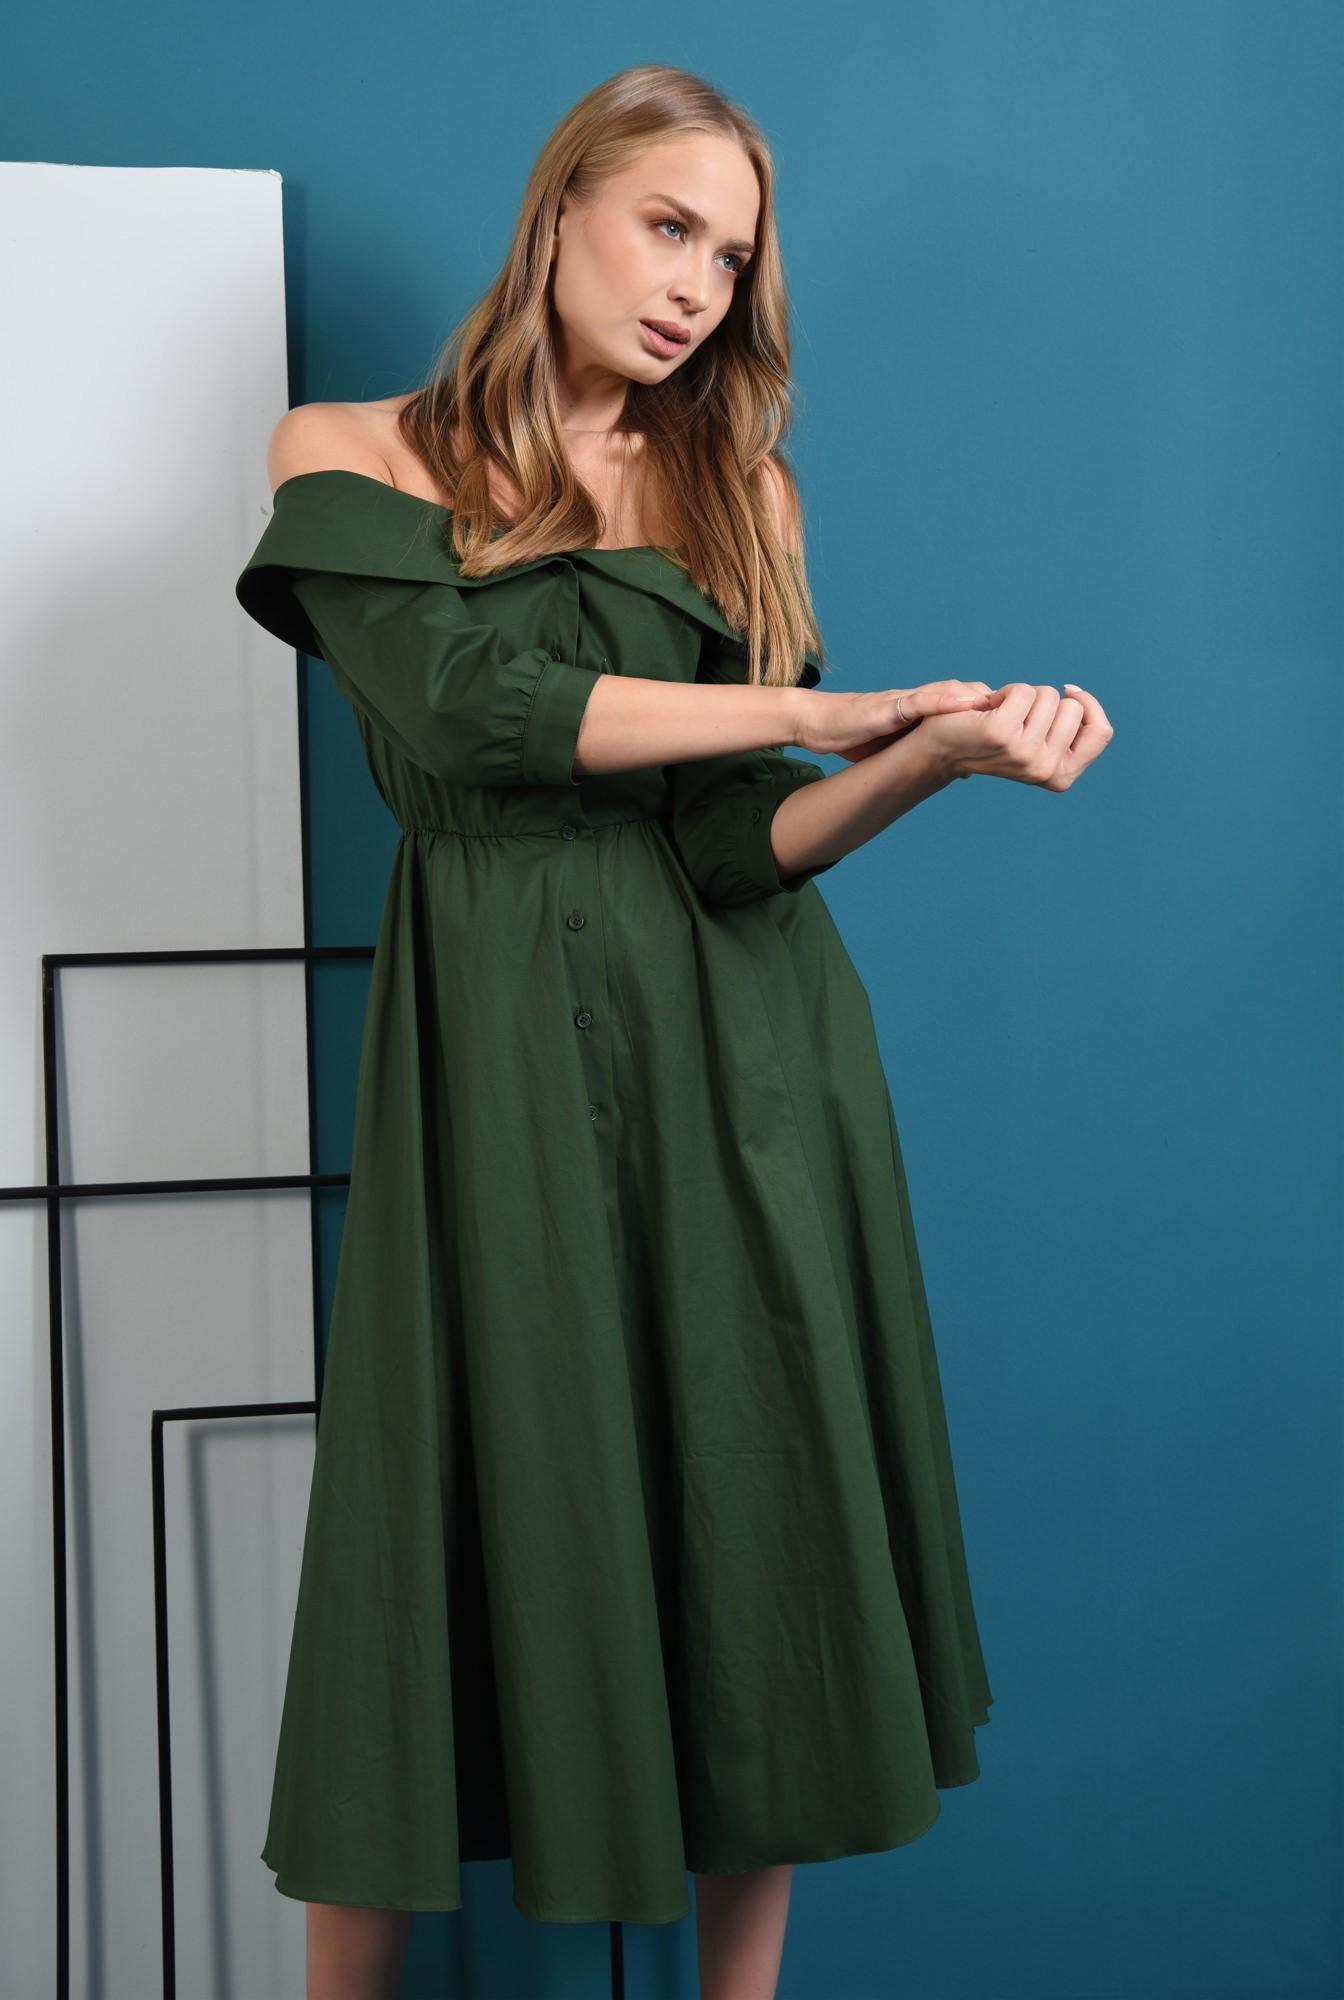 0 - 360 - rochie verde midi, evazata, Poema